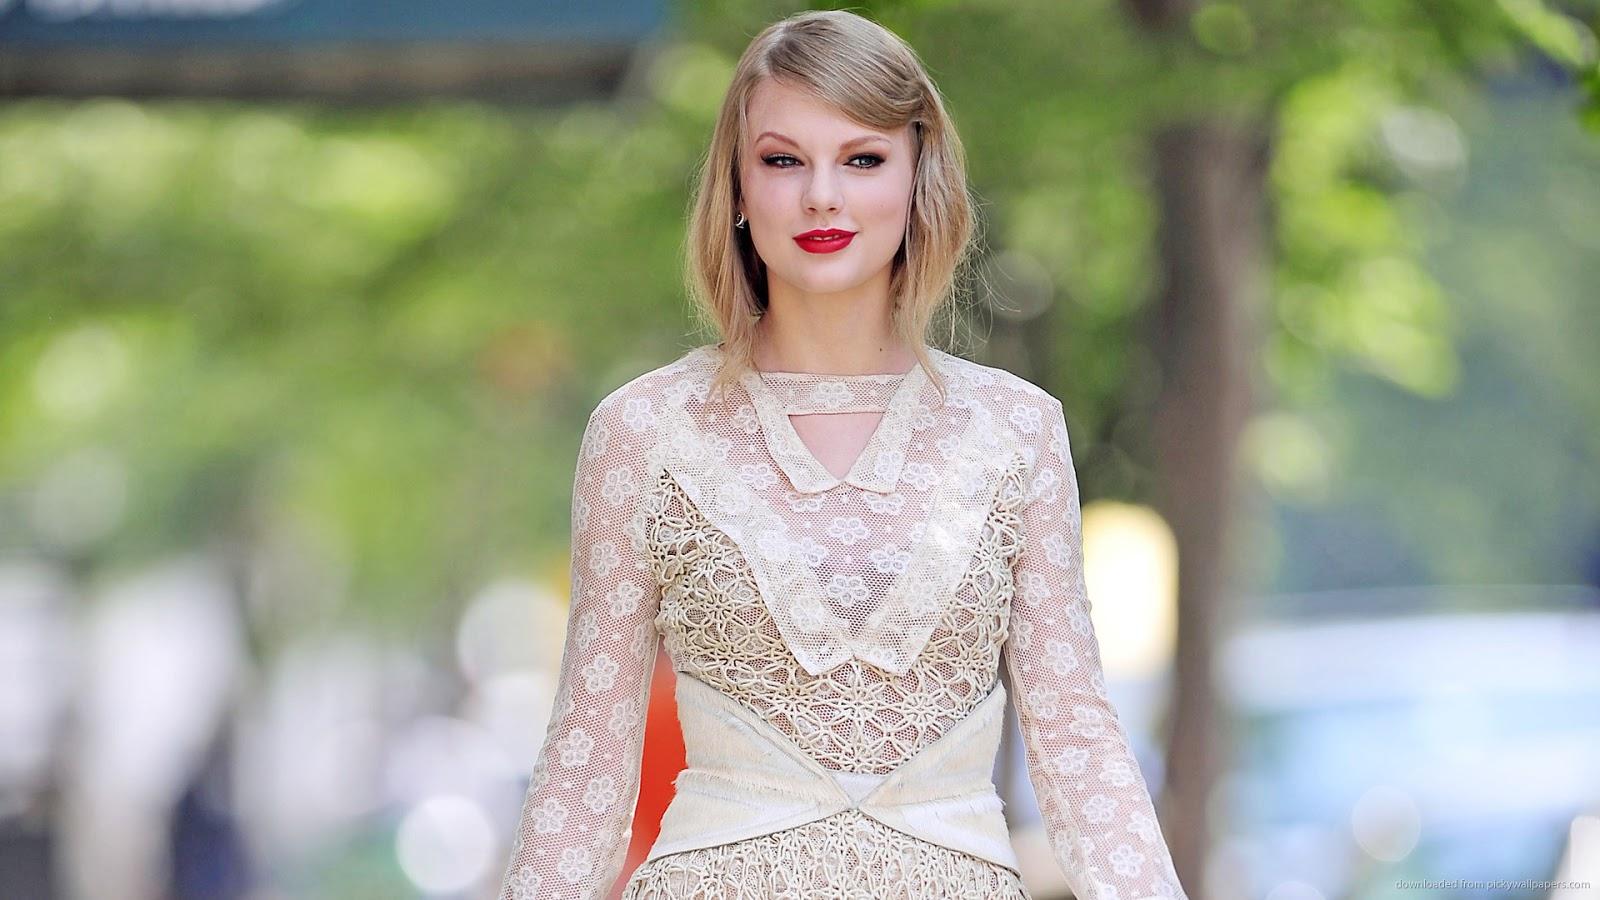 Taylor Swift in Revealing Dress on Street Wallpaper